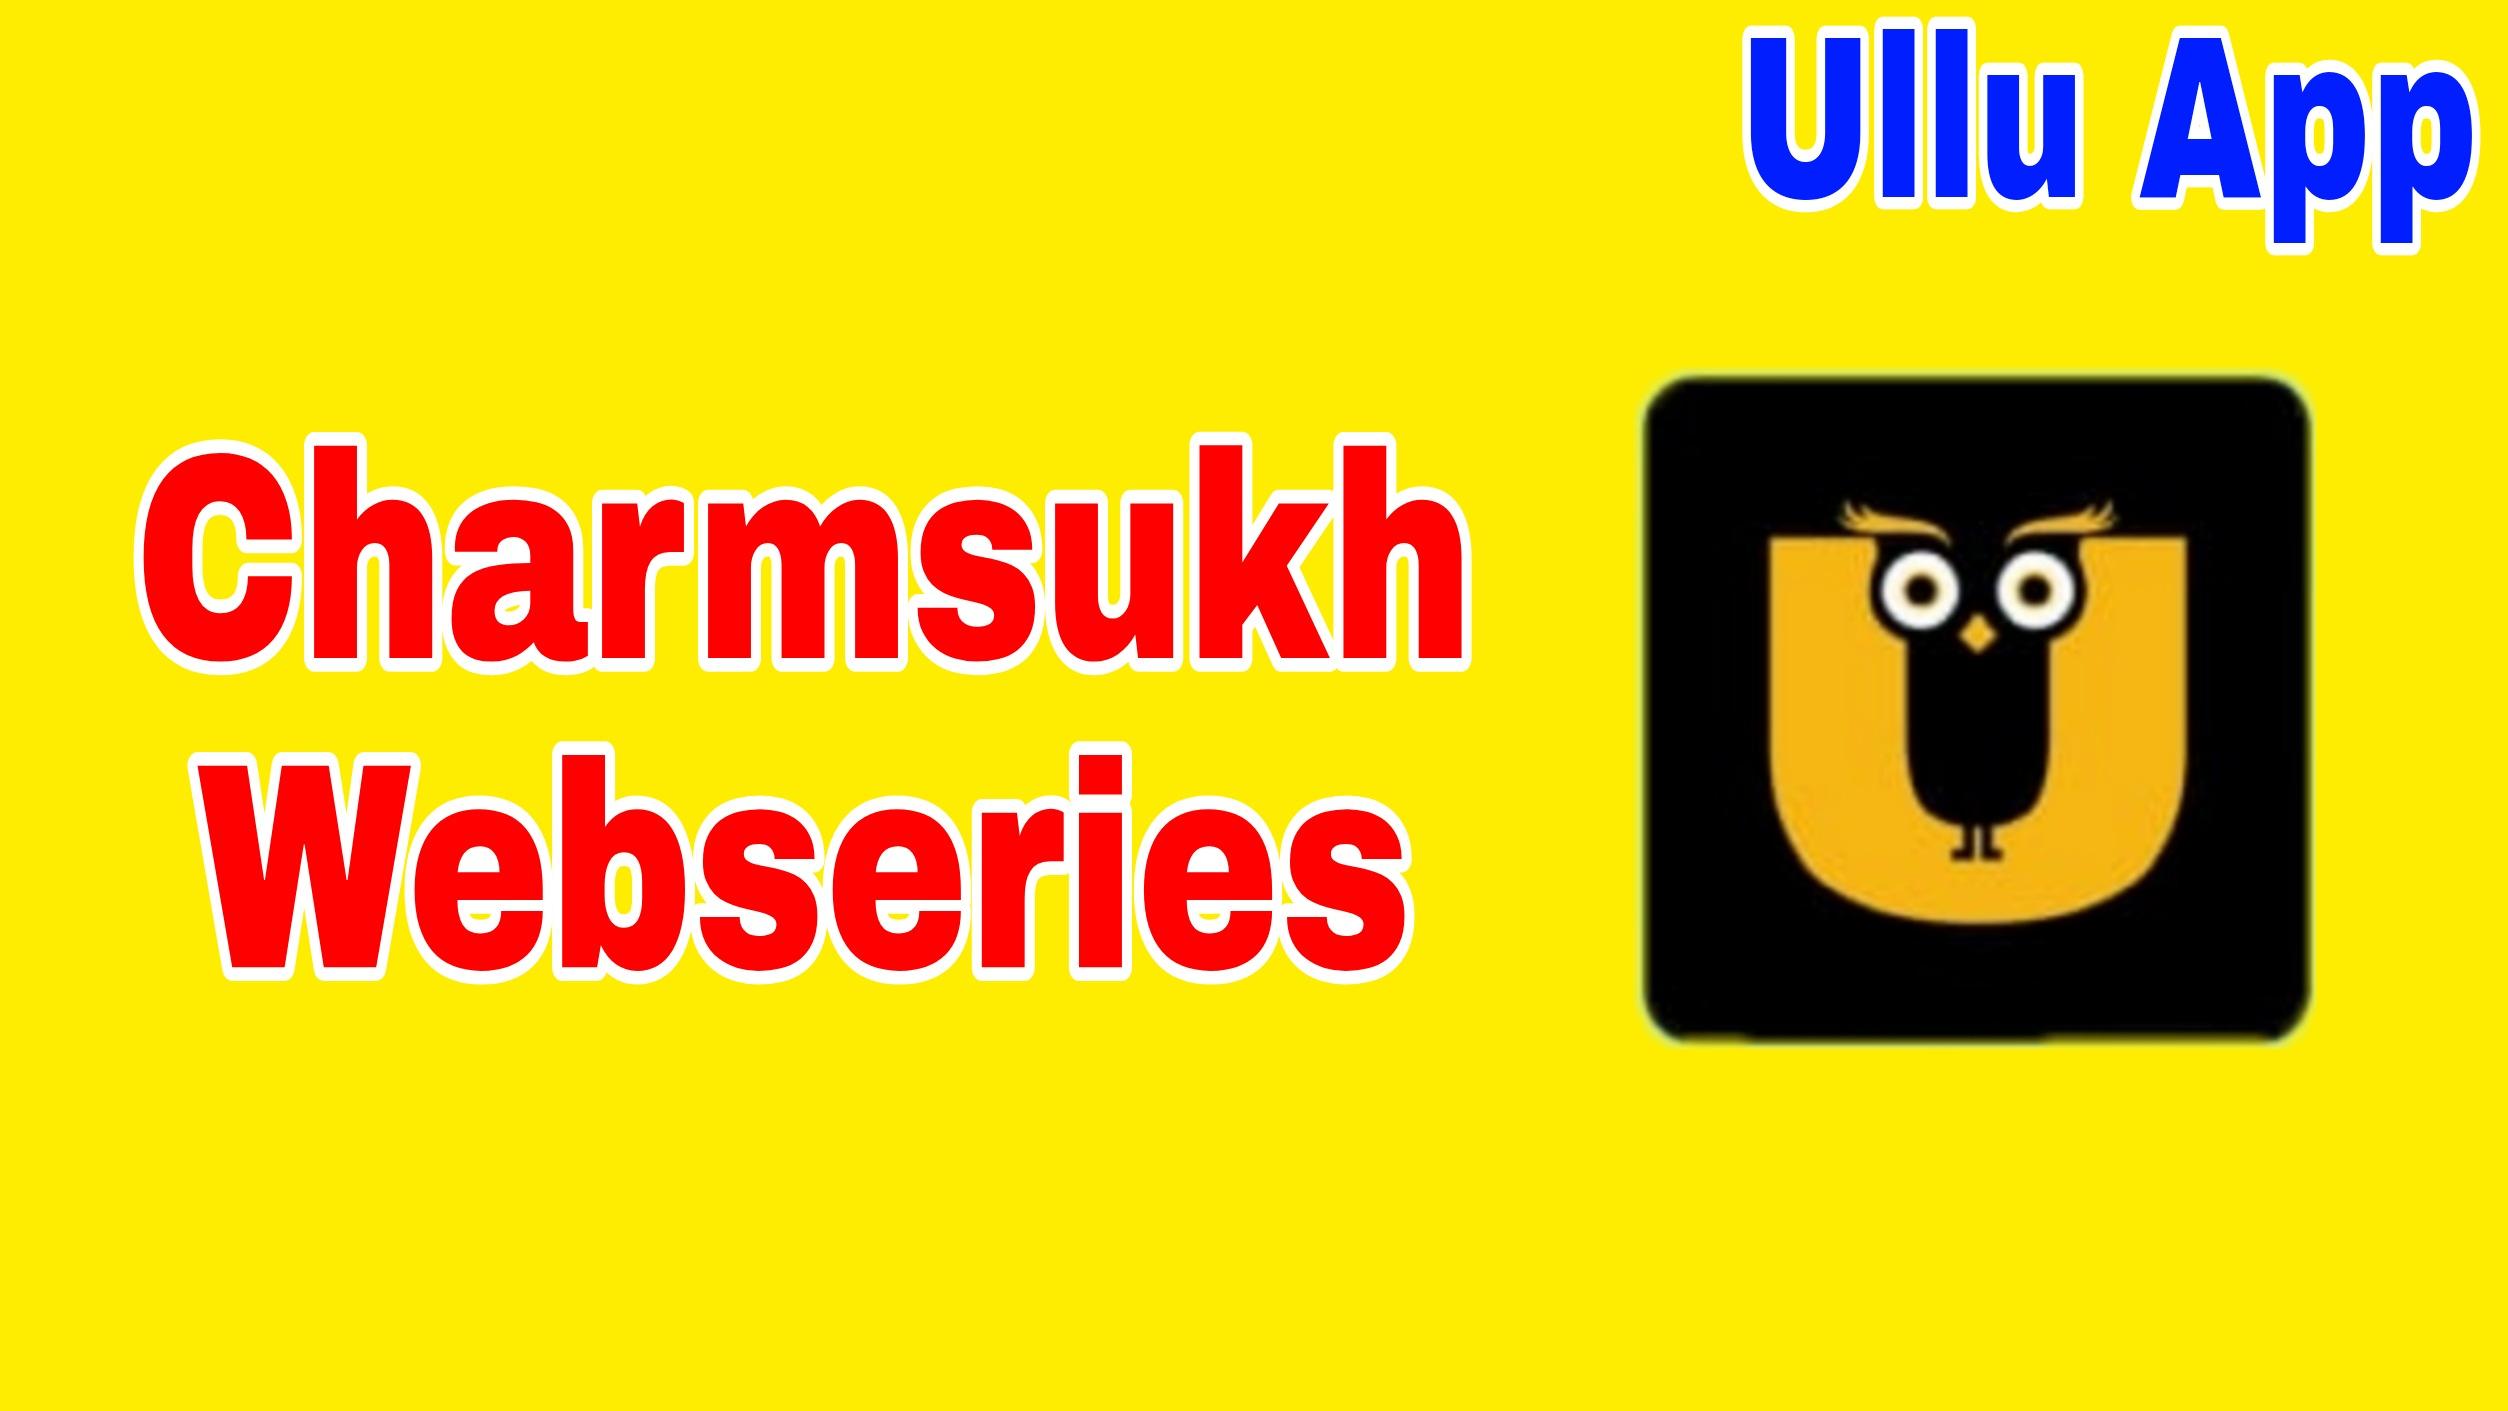 Charmsukh webseries